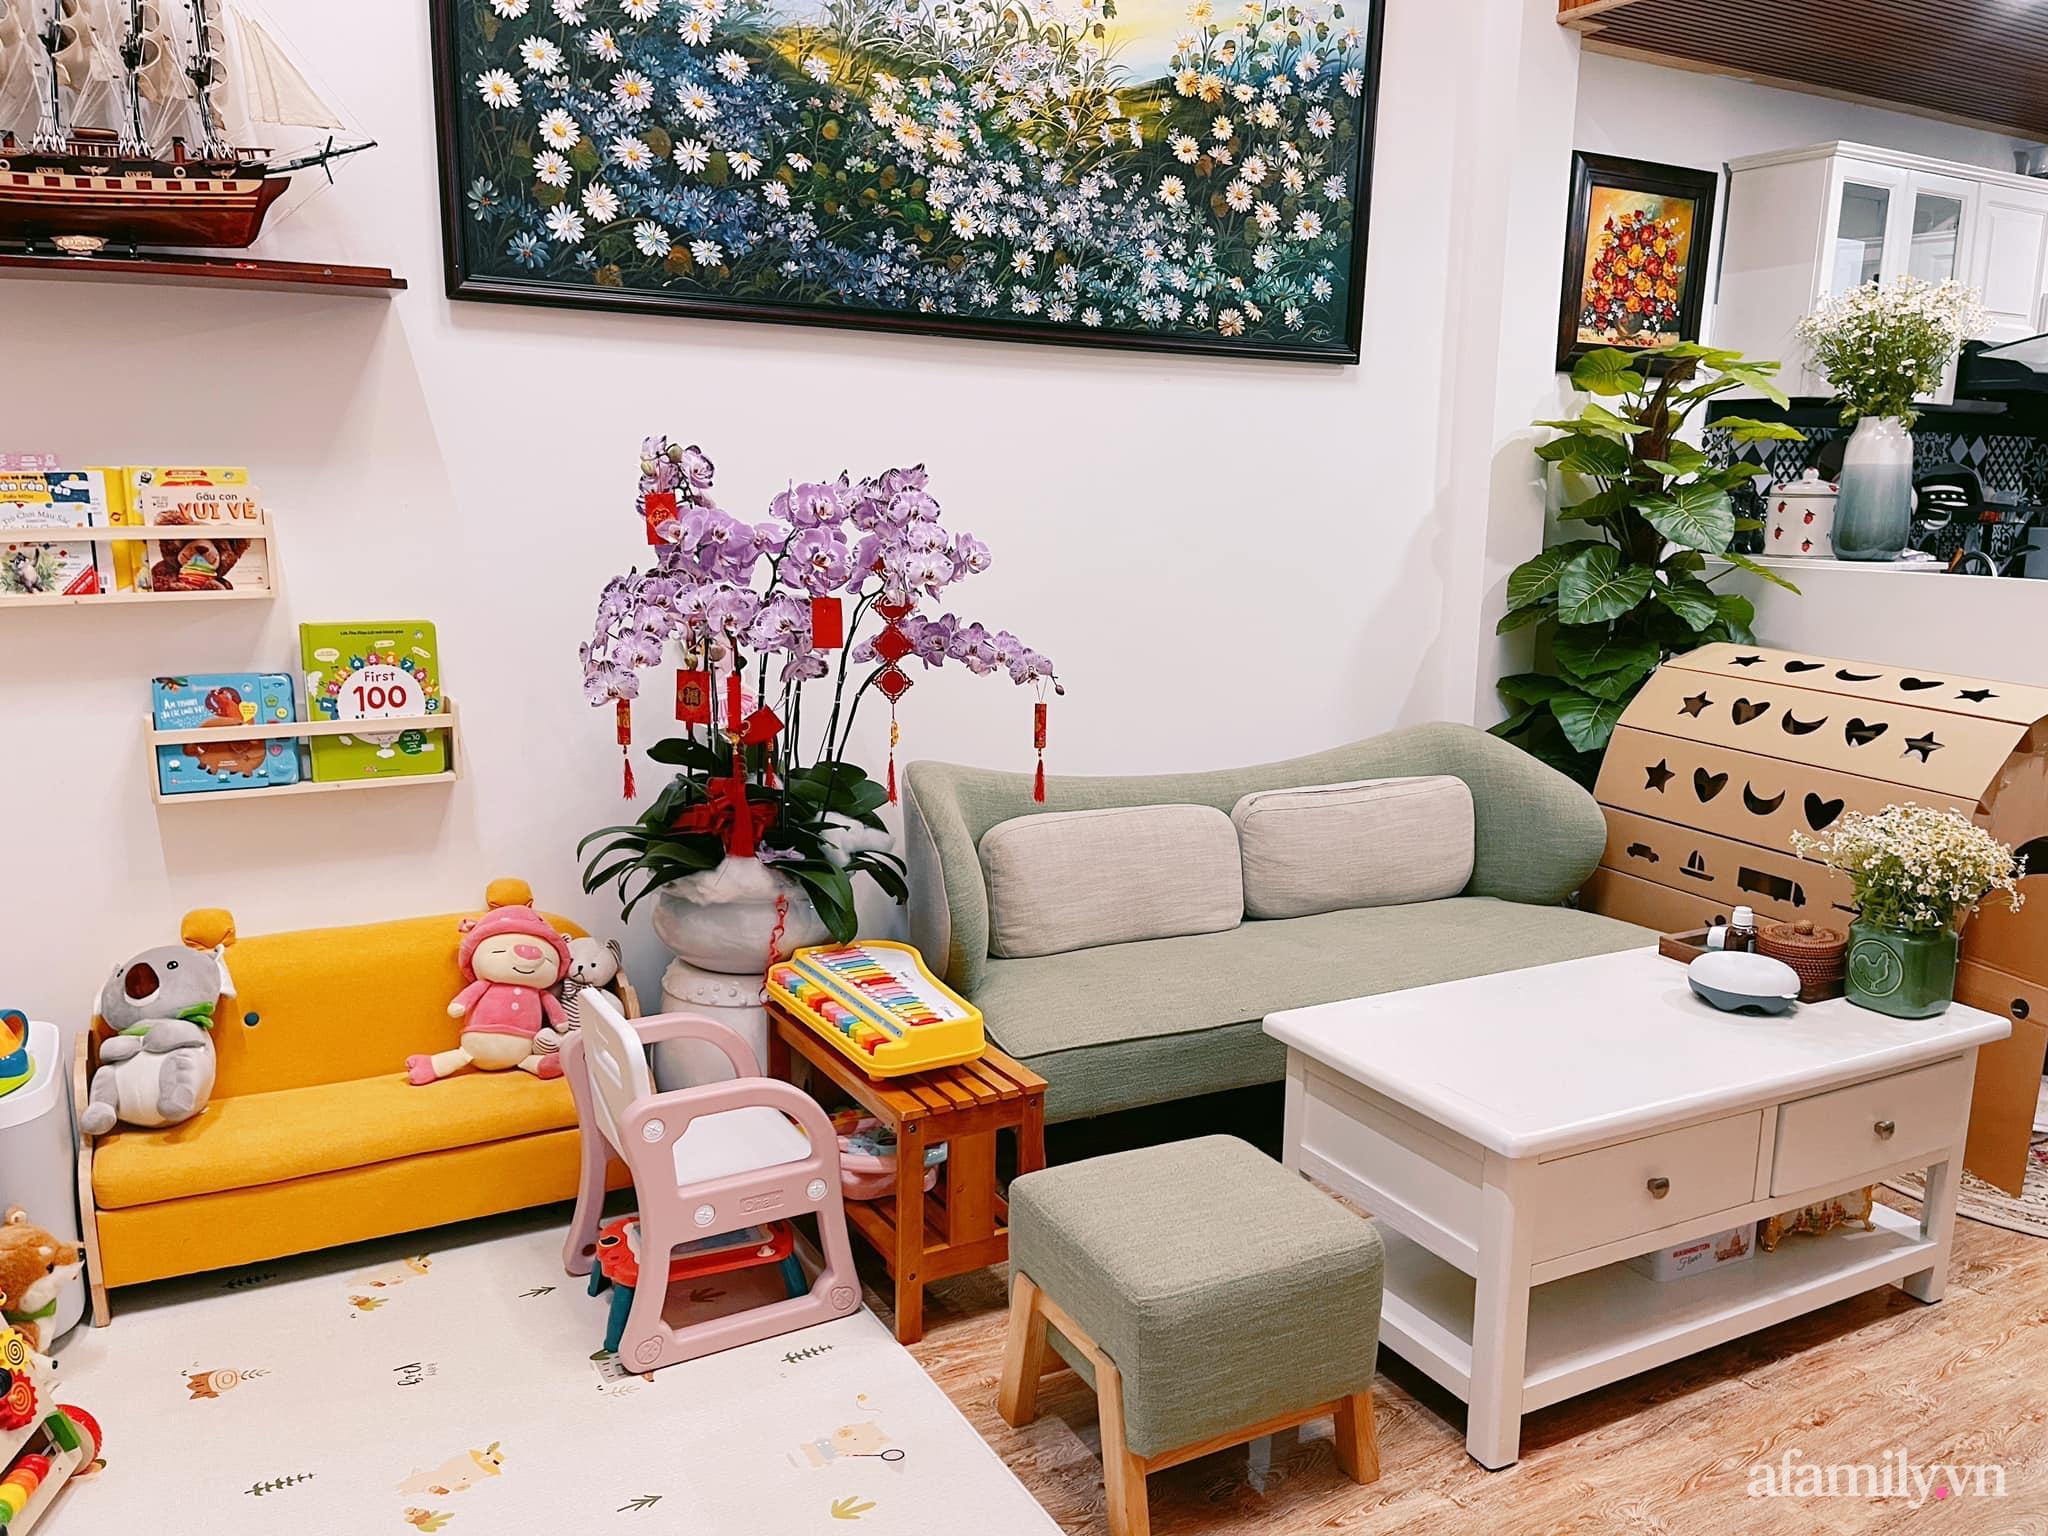 Mua lại căn nhà 63m², cặp vợ chồng trẻ cải tạo thành không gian sống ấm cúng, tiện nghi đủ đường ở Đà Lạt - Ảnh 8.